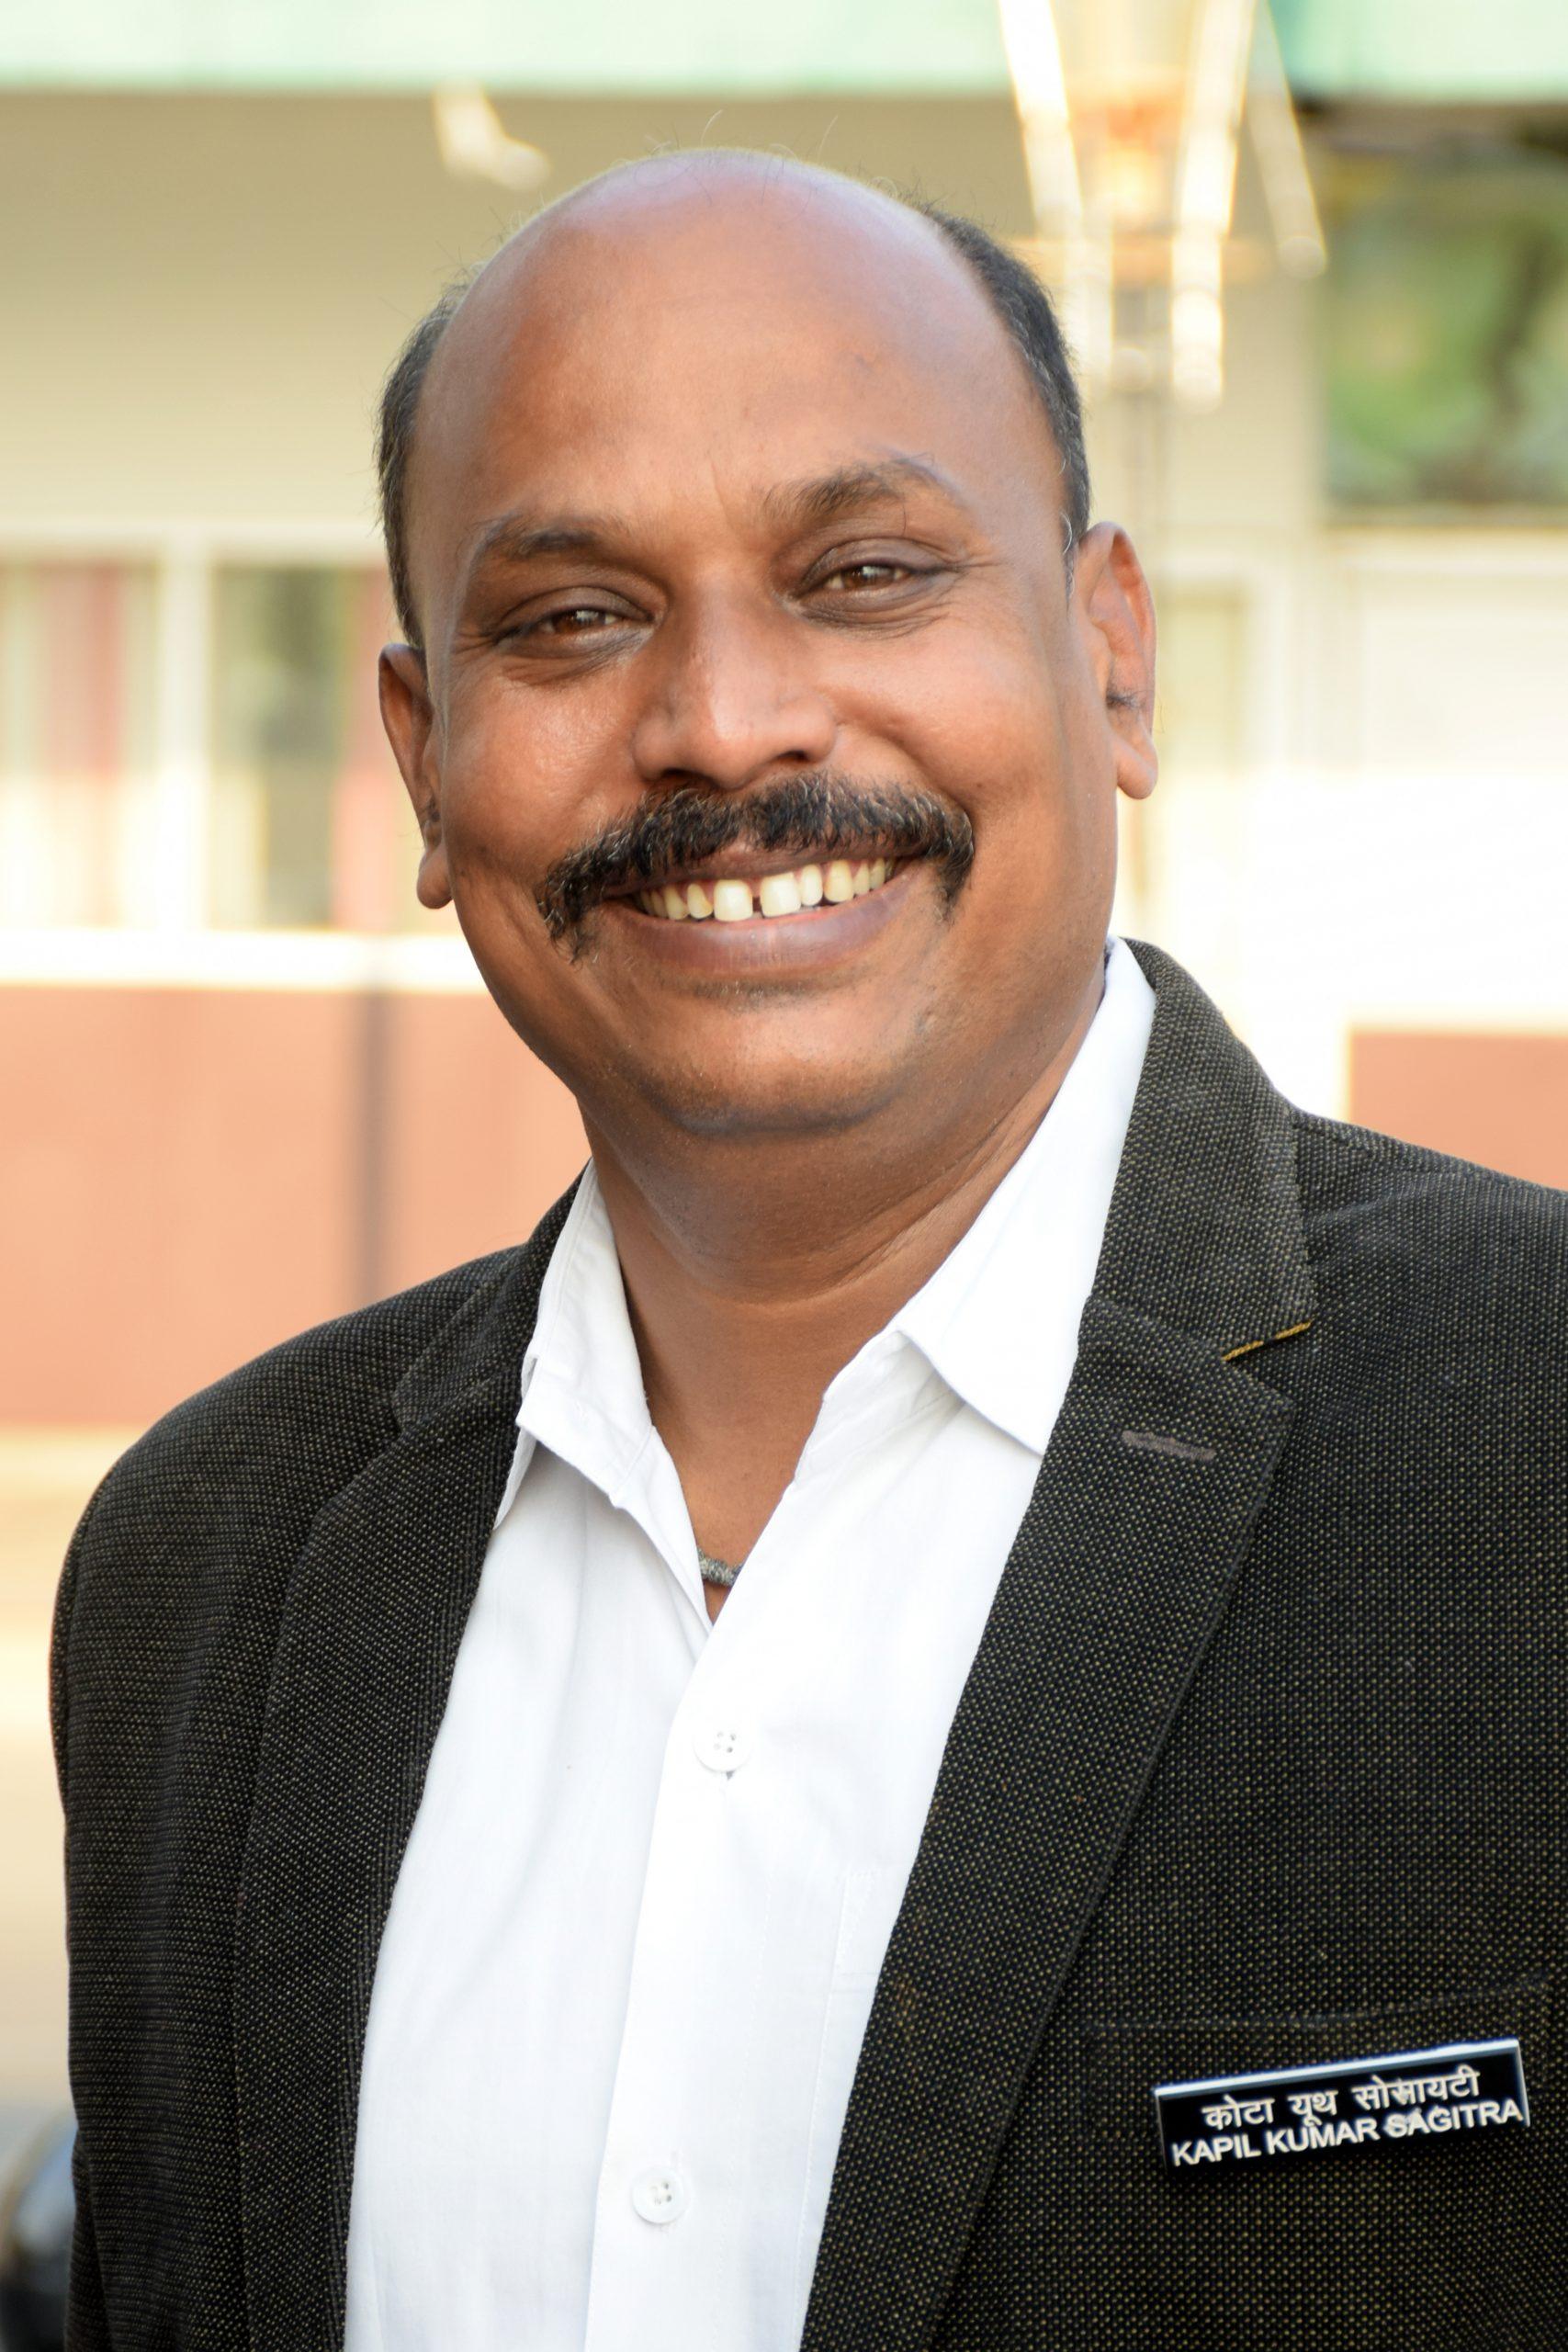 Kapil Kumar Sagitra